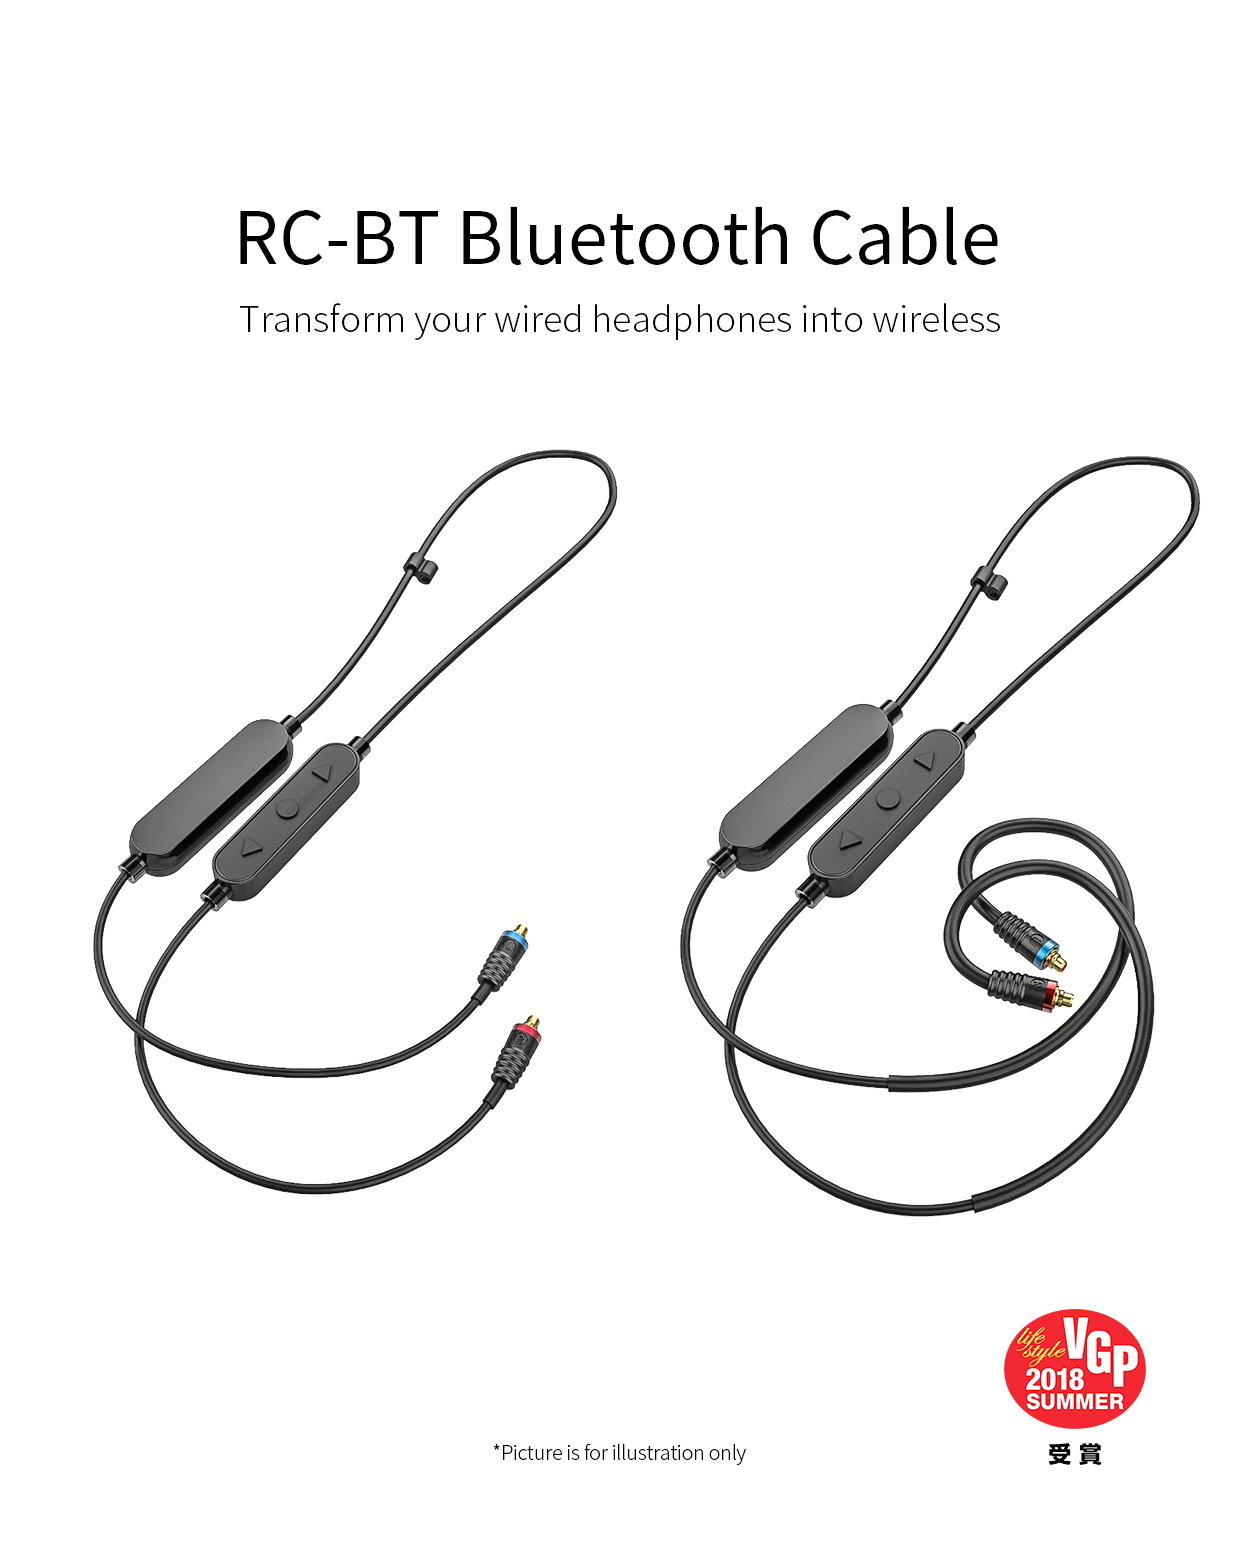 ขาย FiiO RC-BT สาย Bluetooth พร้อมไมค์ขั้ว MMCX รองรับ Aptx aac